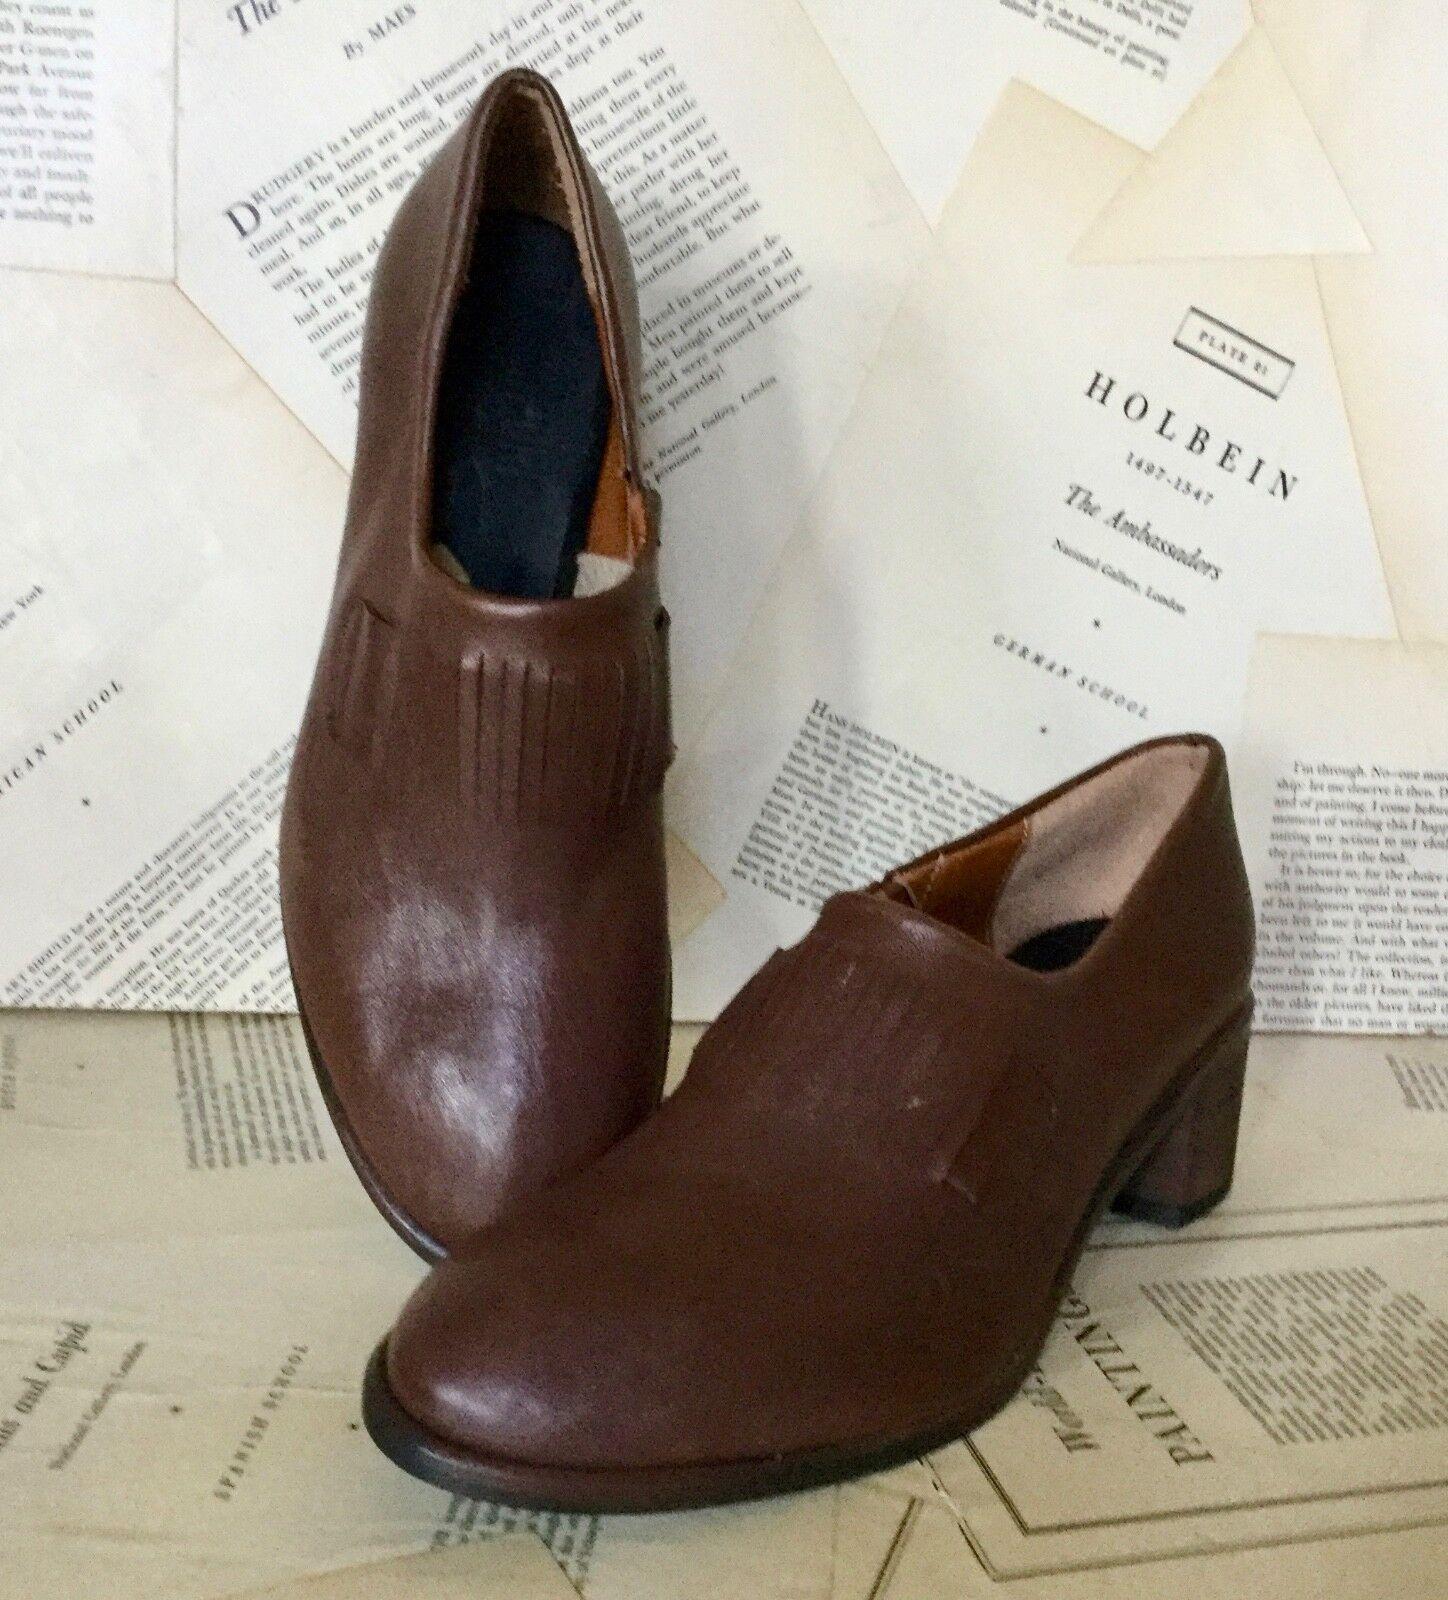 Nuevo Kupuri compró en anthropologie Chocolate Marrón Cuero Slip en zapato bomba 37